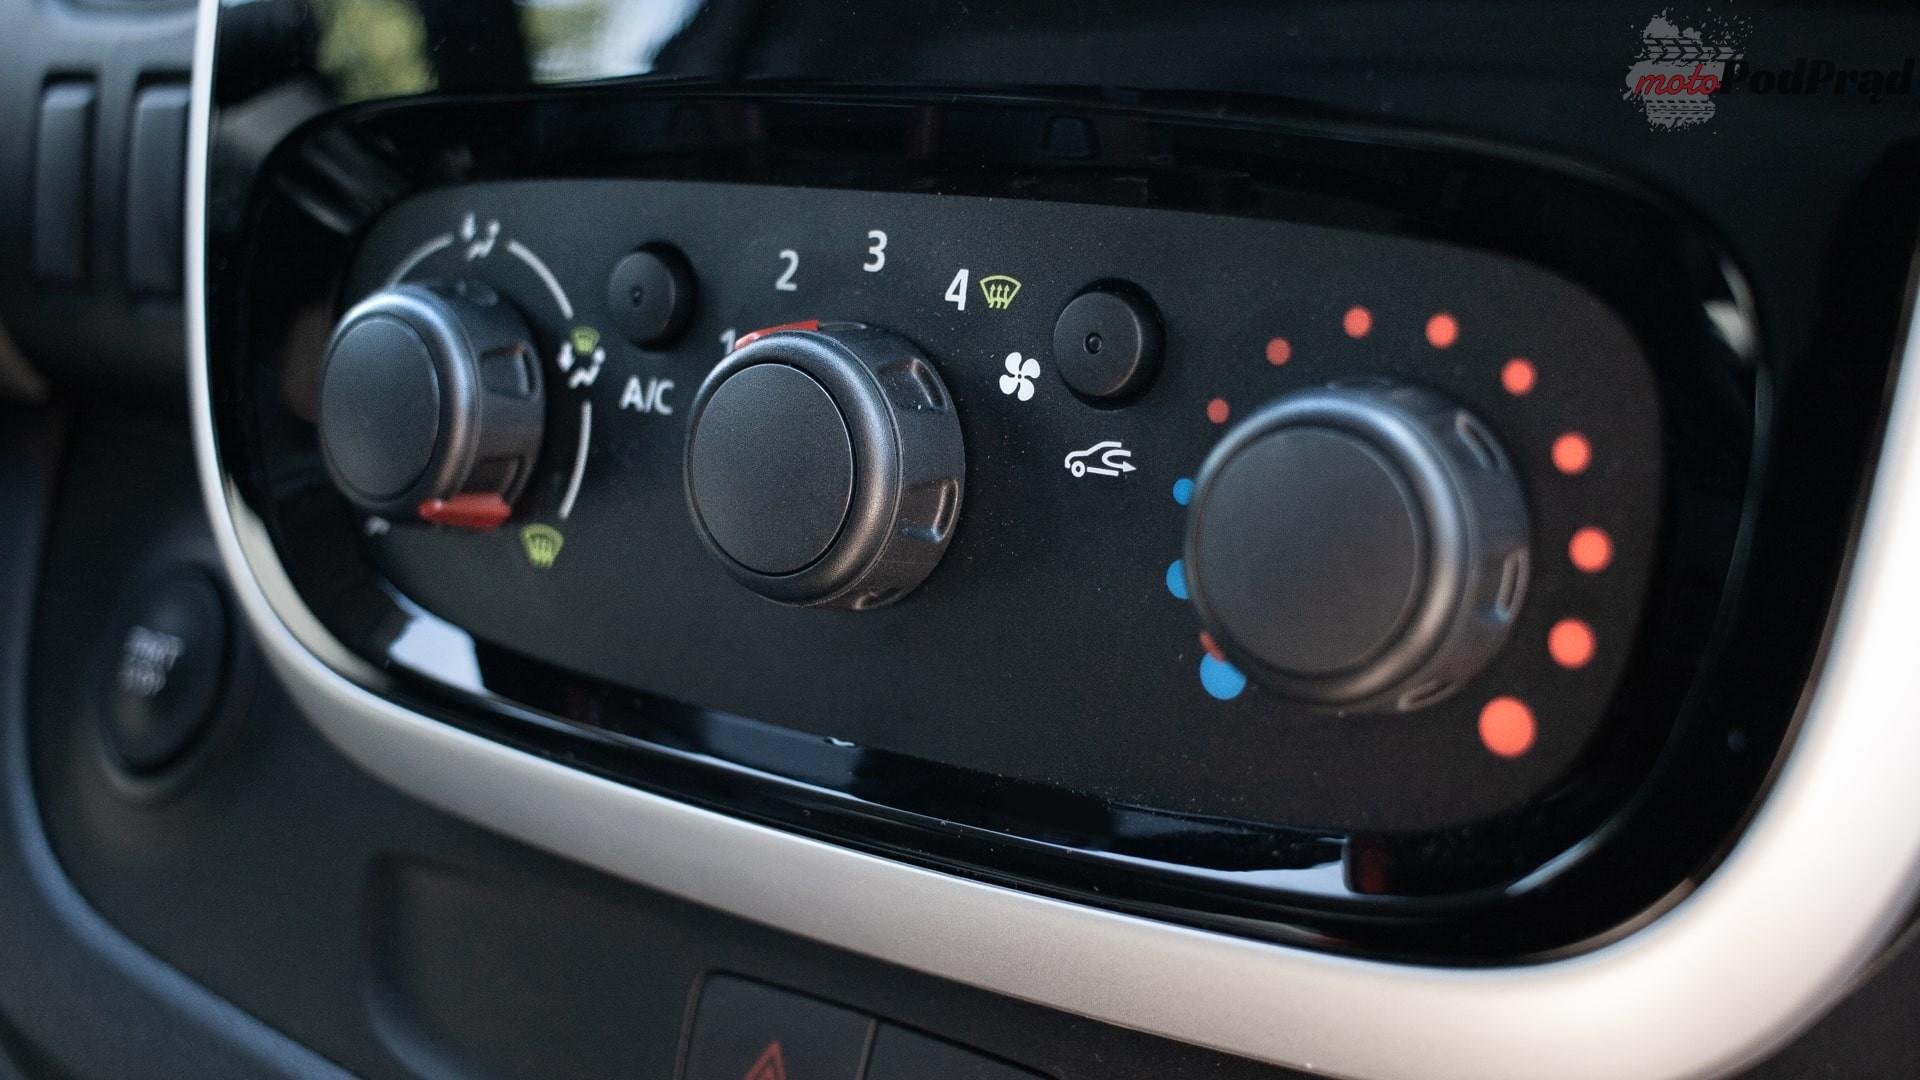 renault trafic 2 Test: Renault Trafic furgon z zabudową Renault Tech – mobilny serwis